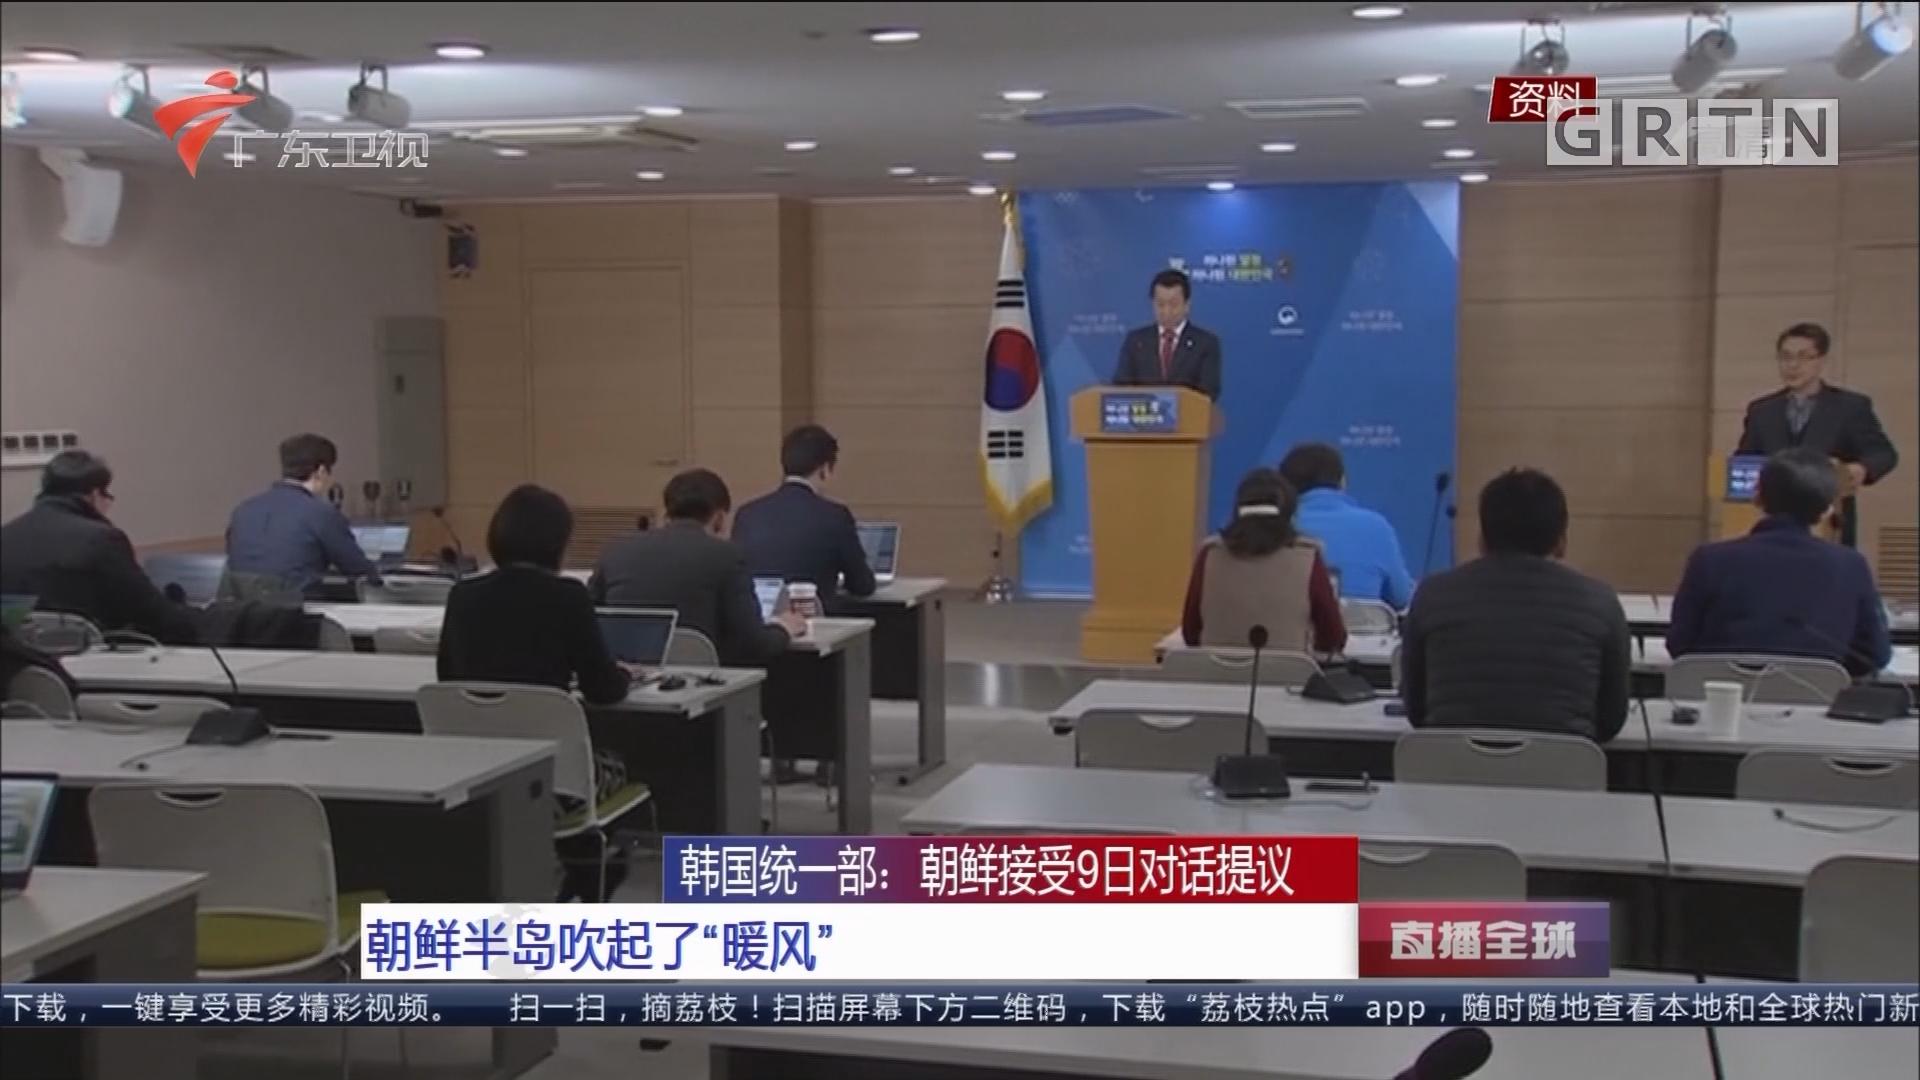 韩国统一部:朝鲜接受9日对话提议 朝鲜24小时之内给韩国打了3次电话